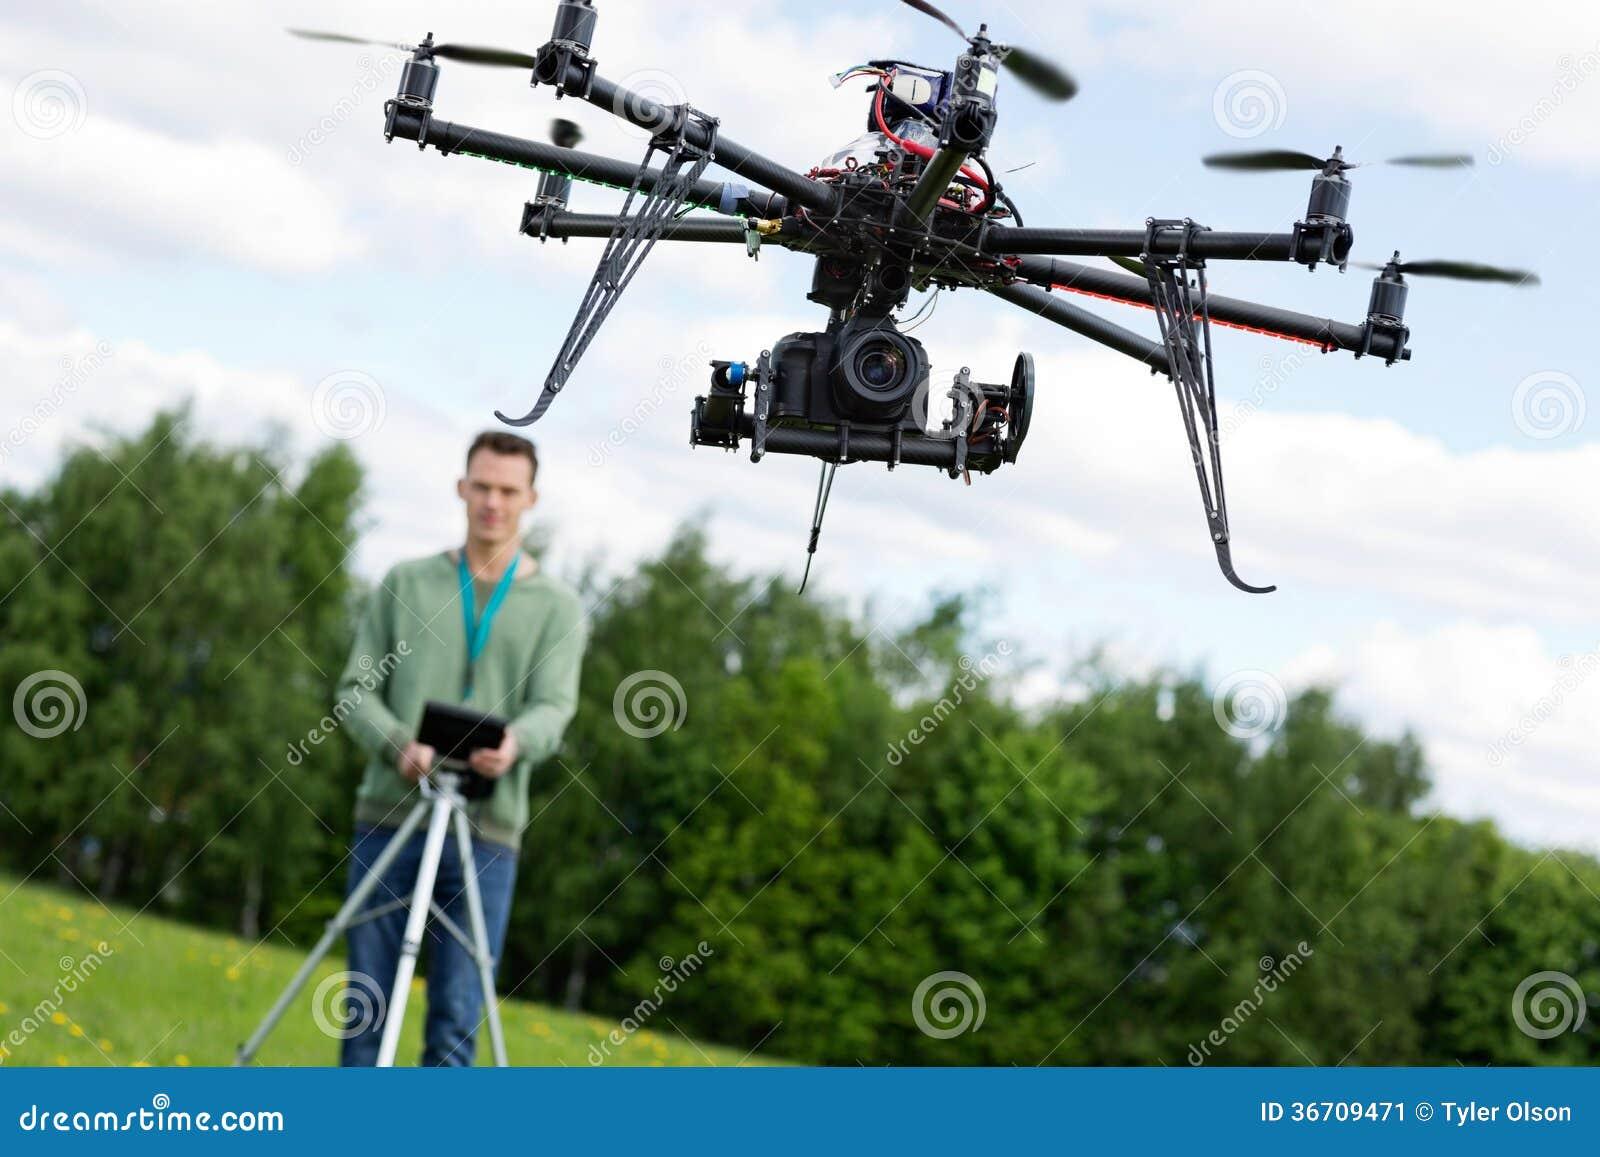 Technician Operating UAV Octocopter